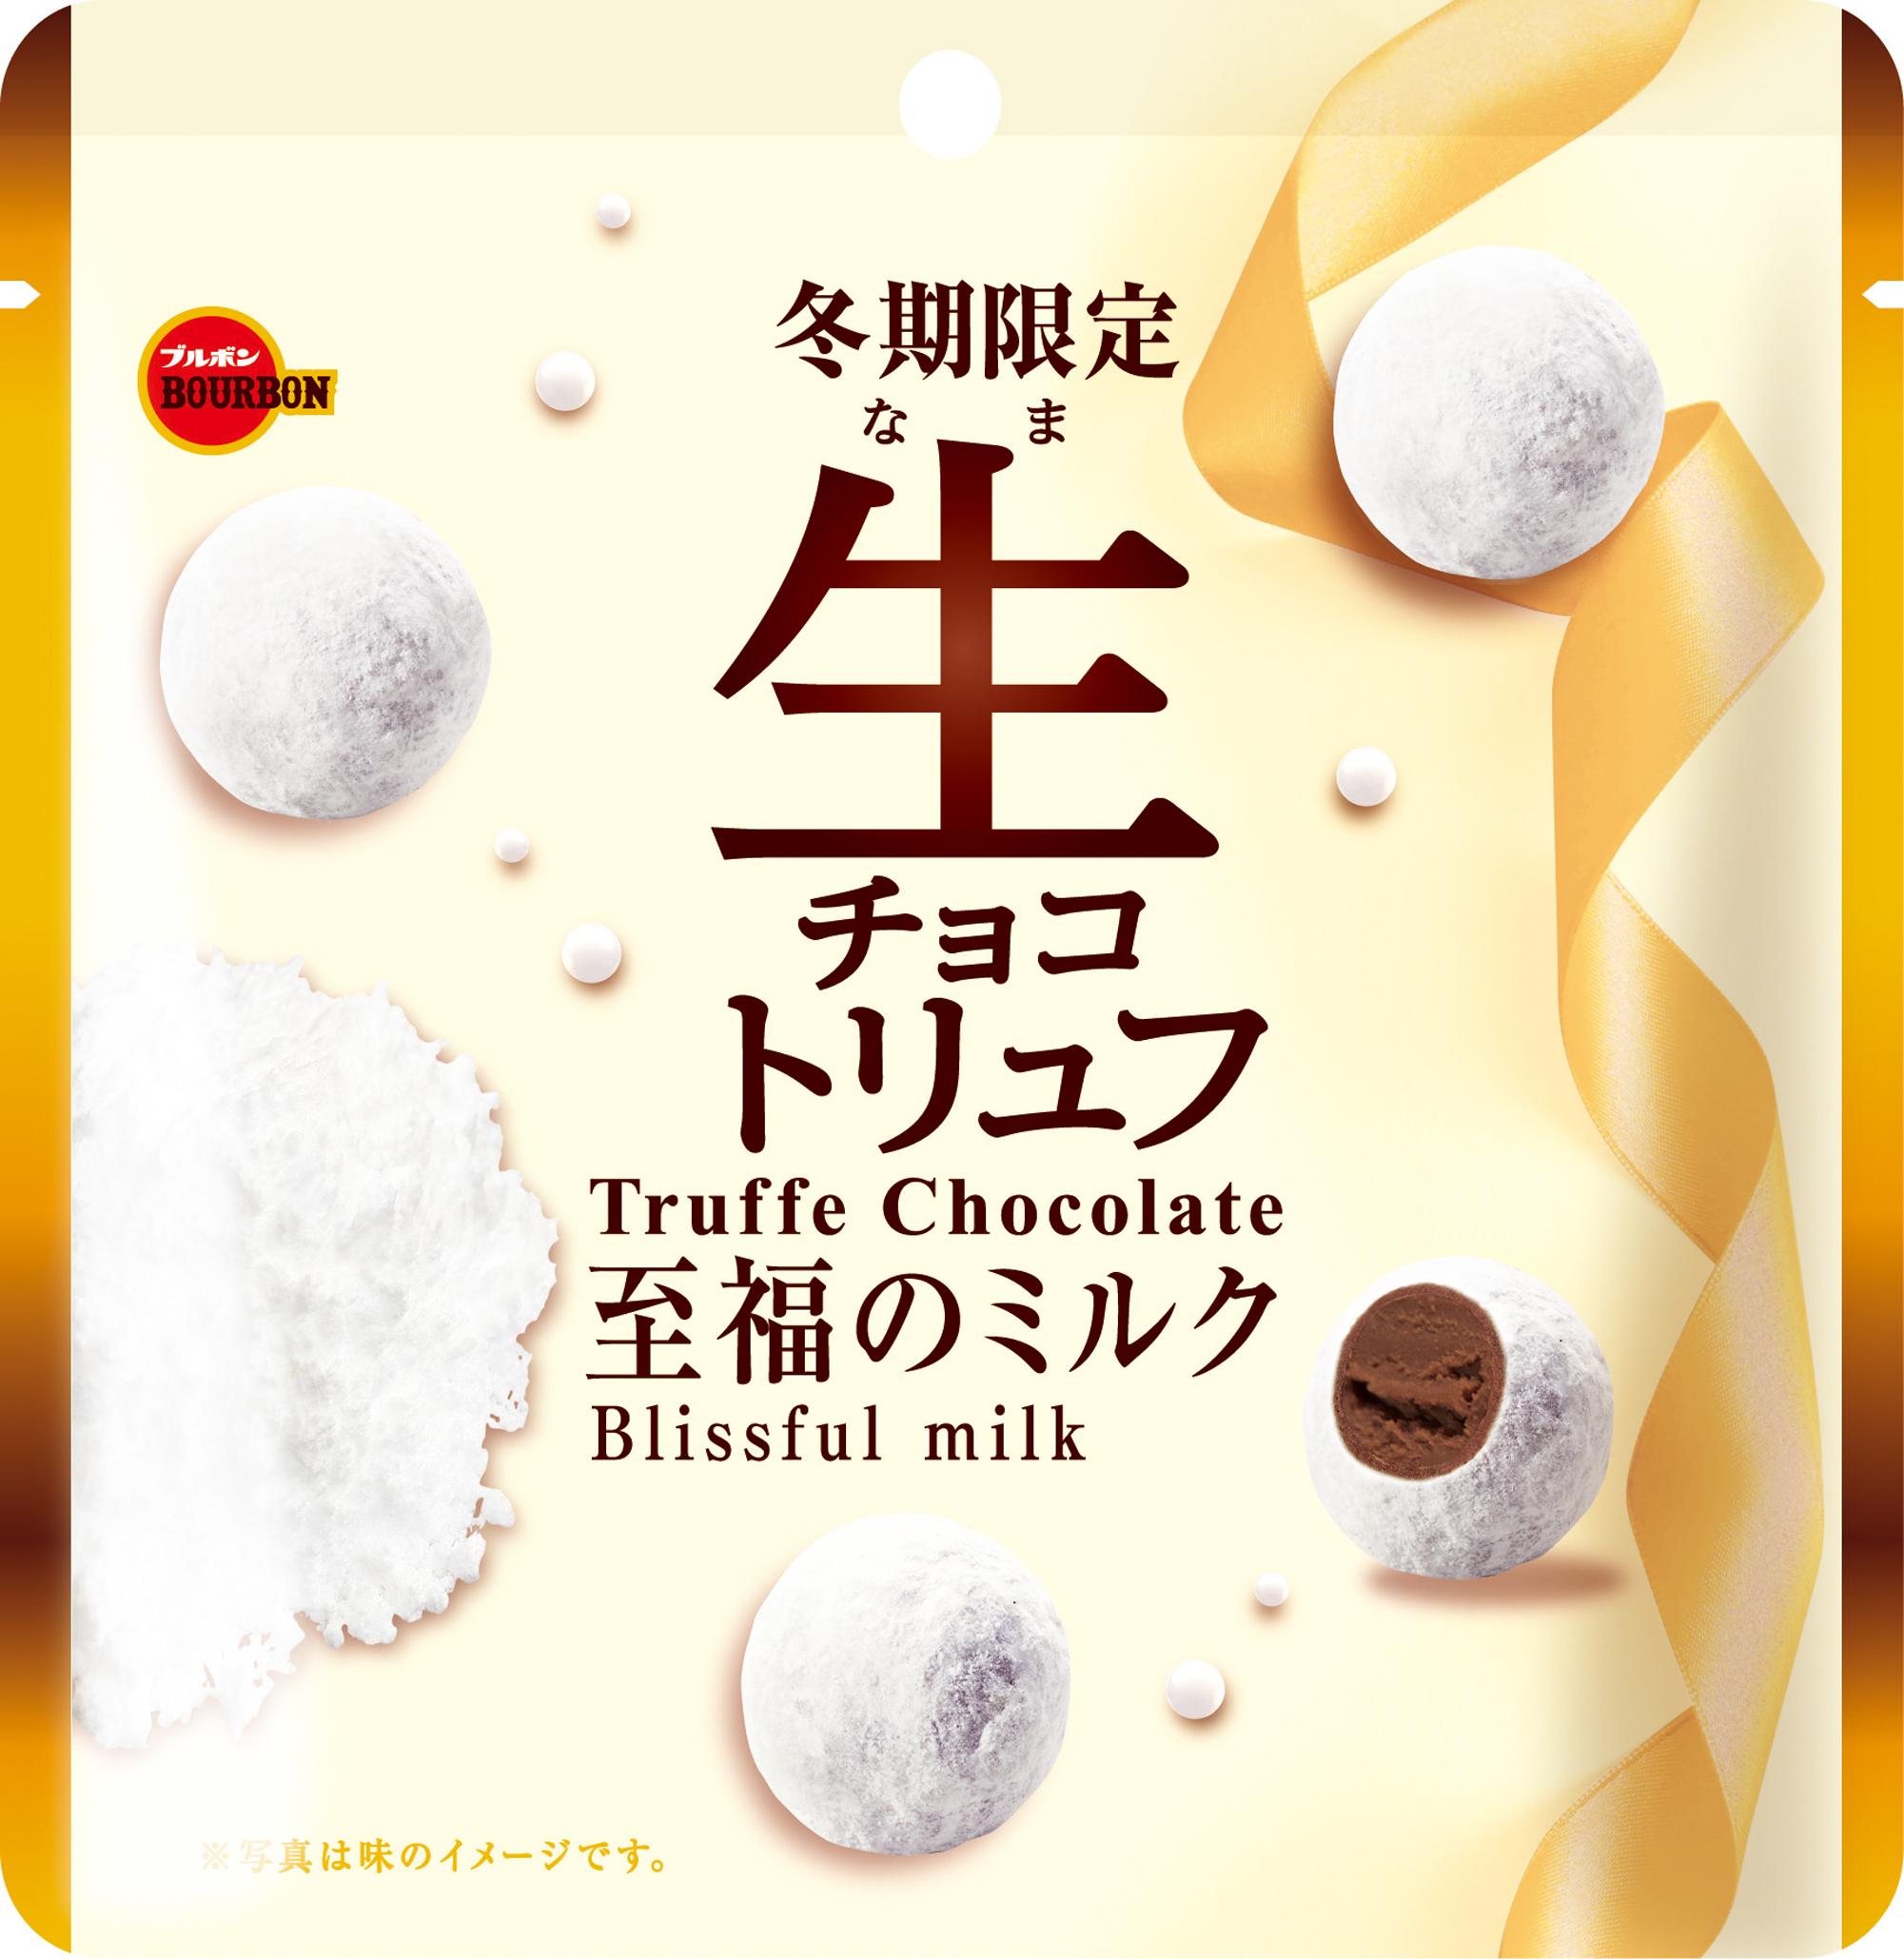 引き継ぎ ミルク チョコ データ